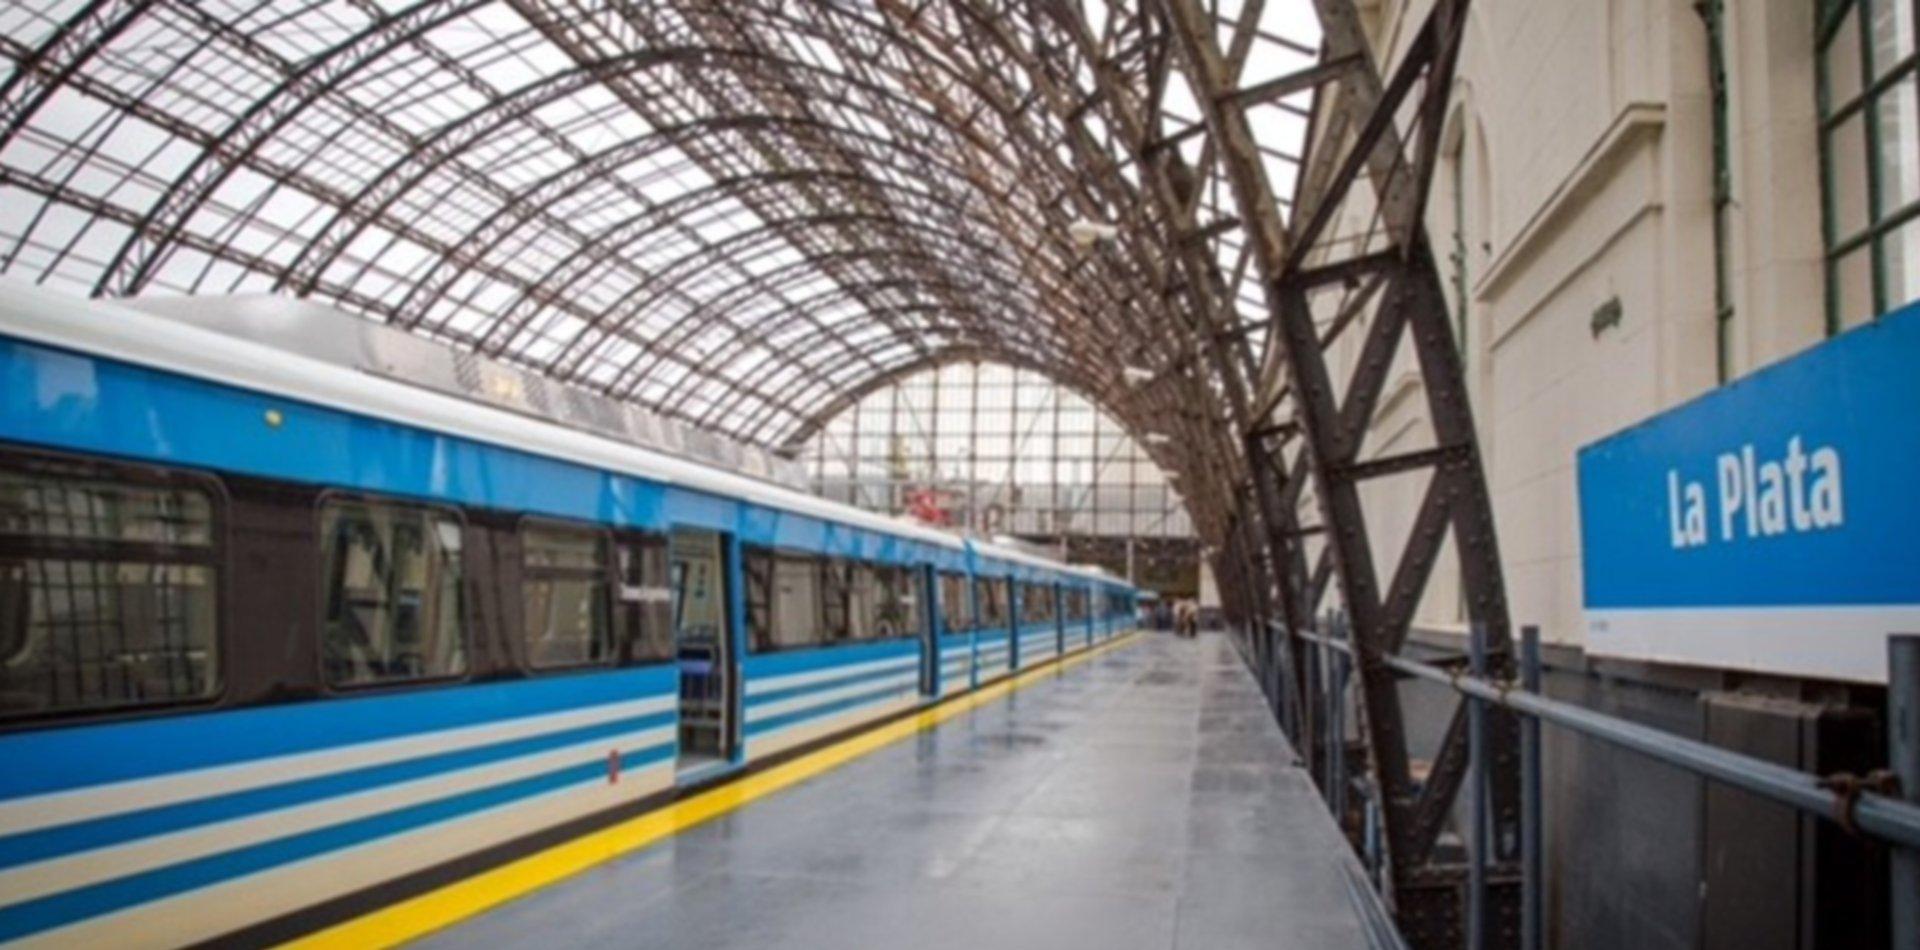 Los platenses ya no tendrán que esperar tanto para subir al Tren Roca: ¿por qué?